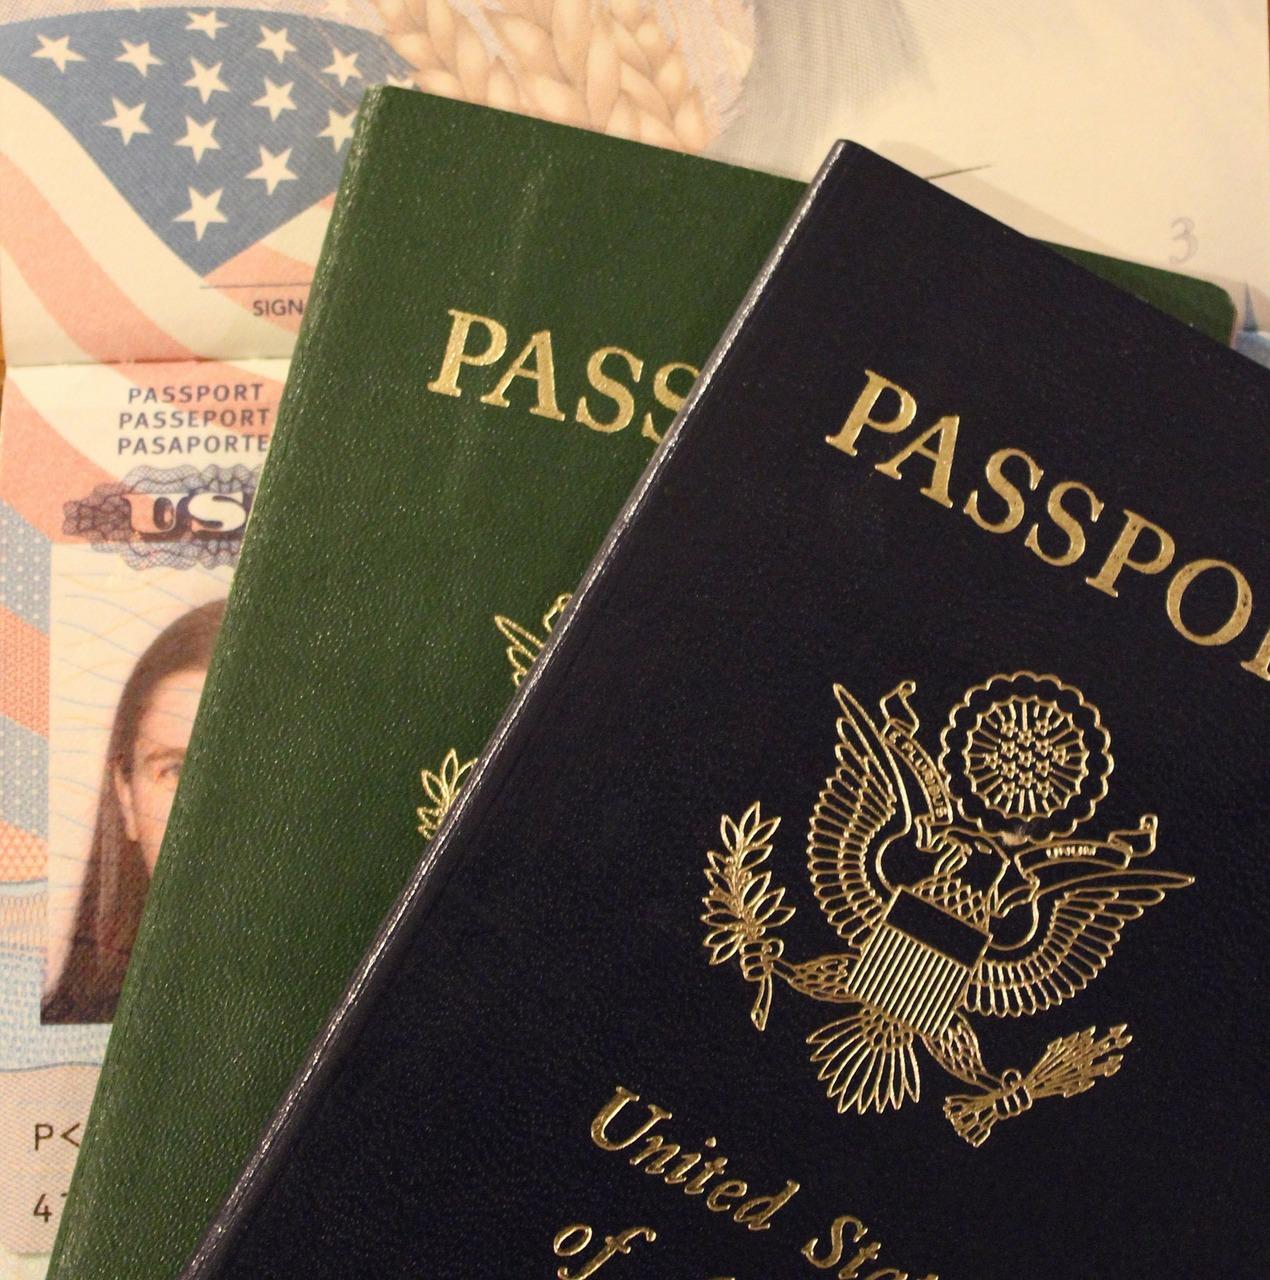 アメリカの保安検査場&入国審査を短時間で通過する方法を考えてみた